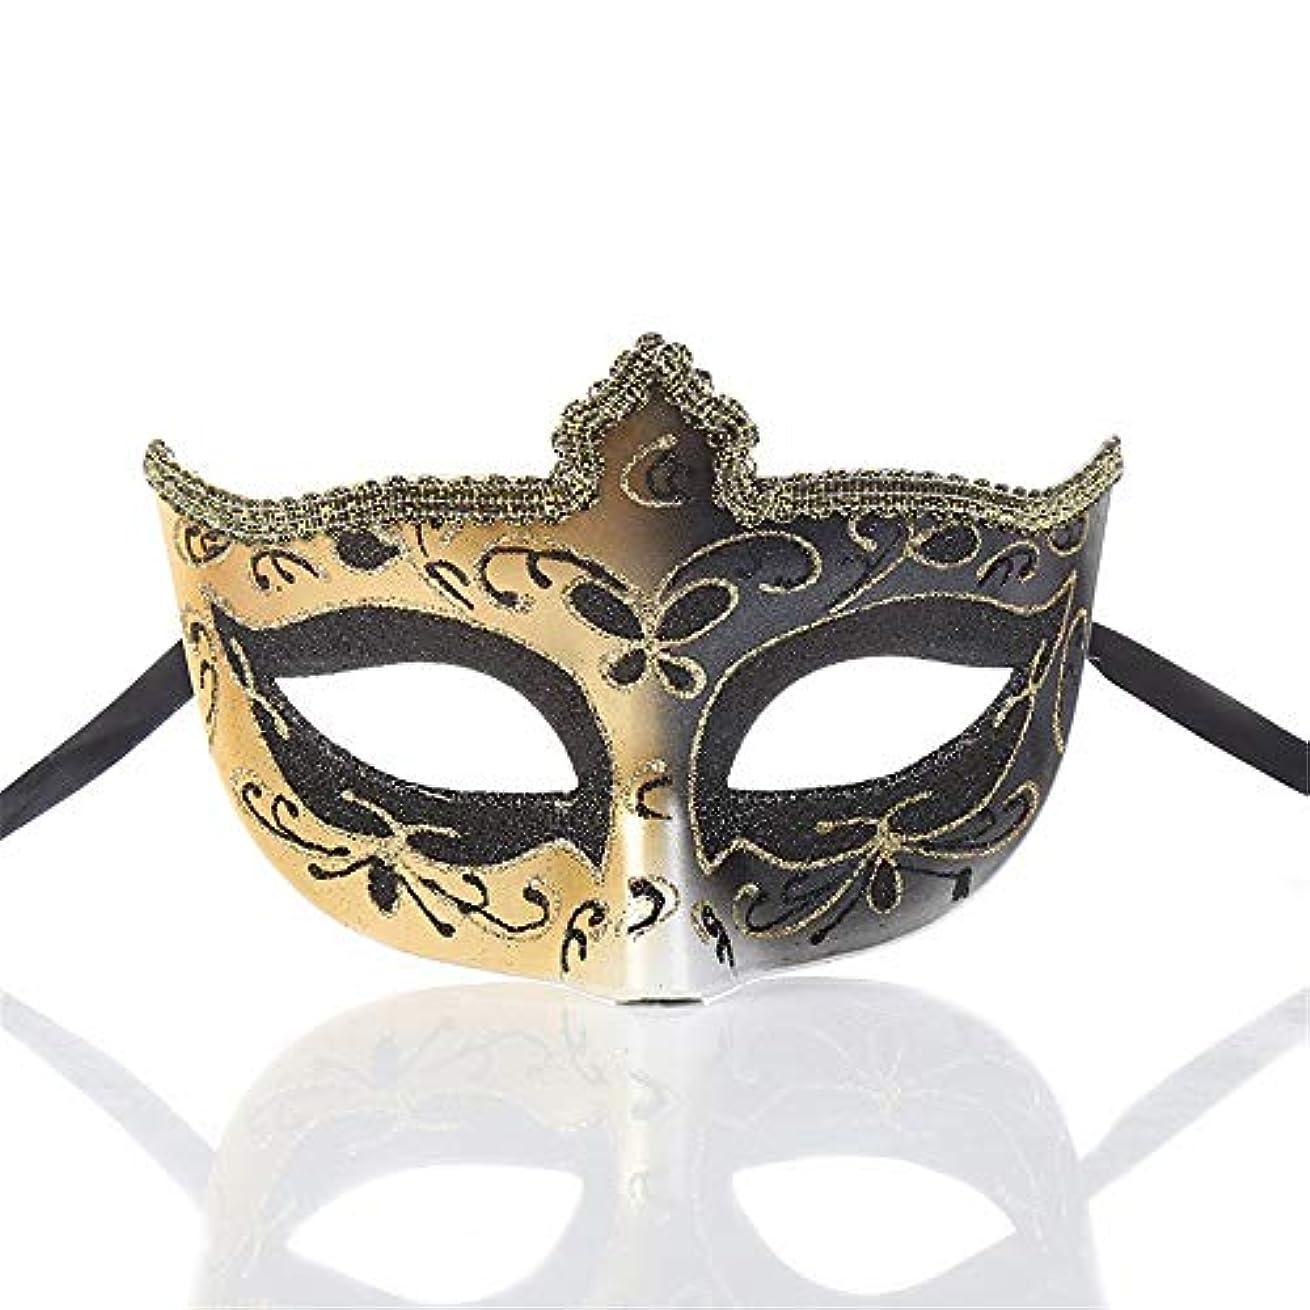 ペニーカナダブランクダンスマスク クリエイティブクラシックハーフマスクマスカレードパーティーデコレーションコスプレプラスチックマスク ホリデーパーティー用品 (色 : ブラック, サイズ : 17x11cm)